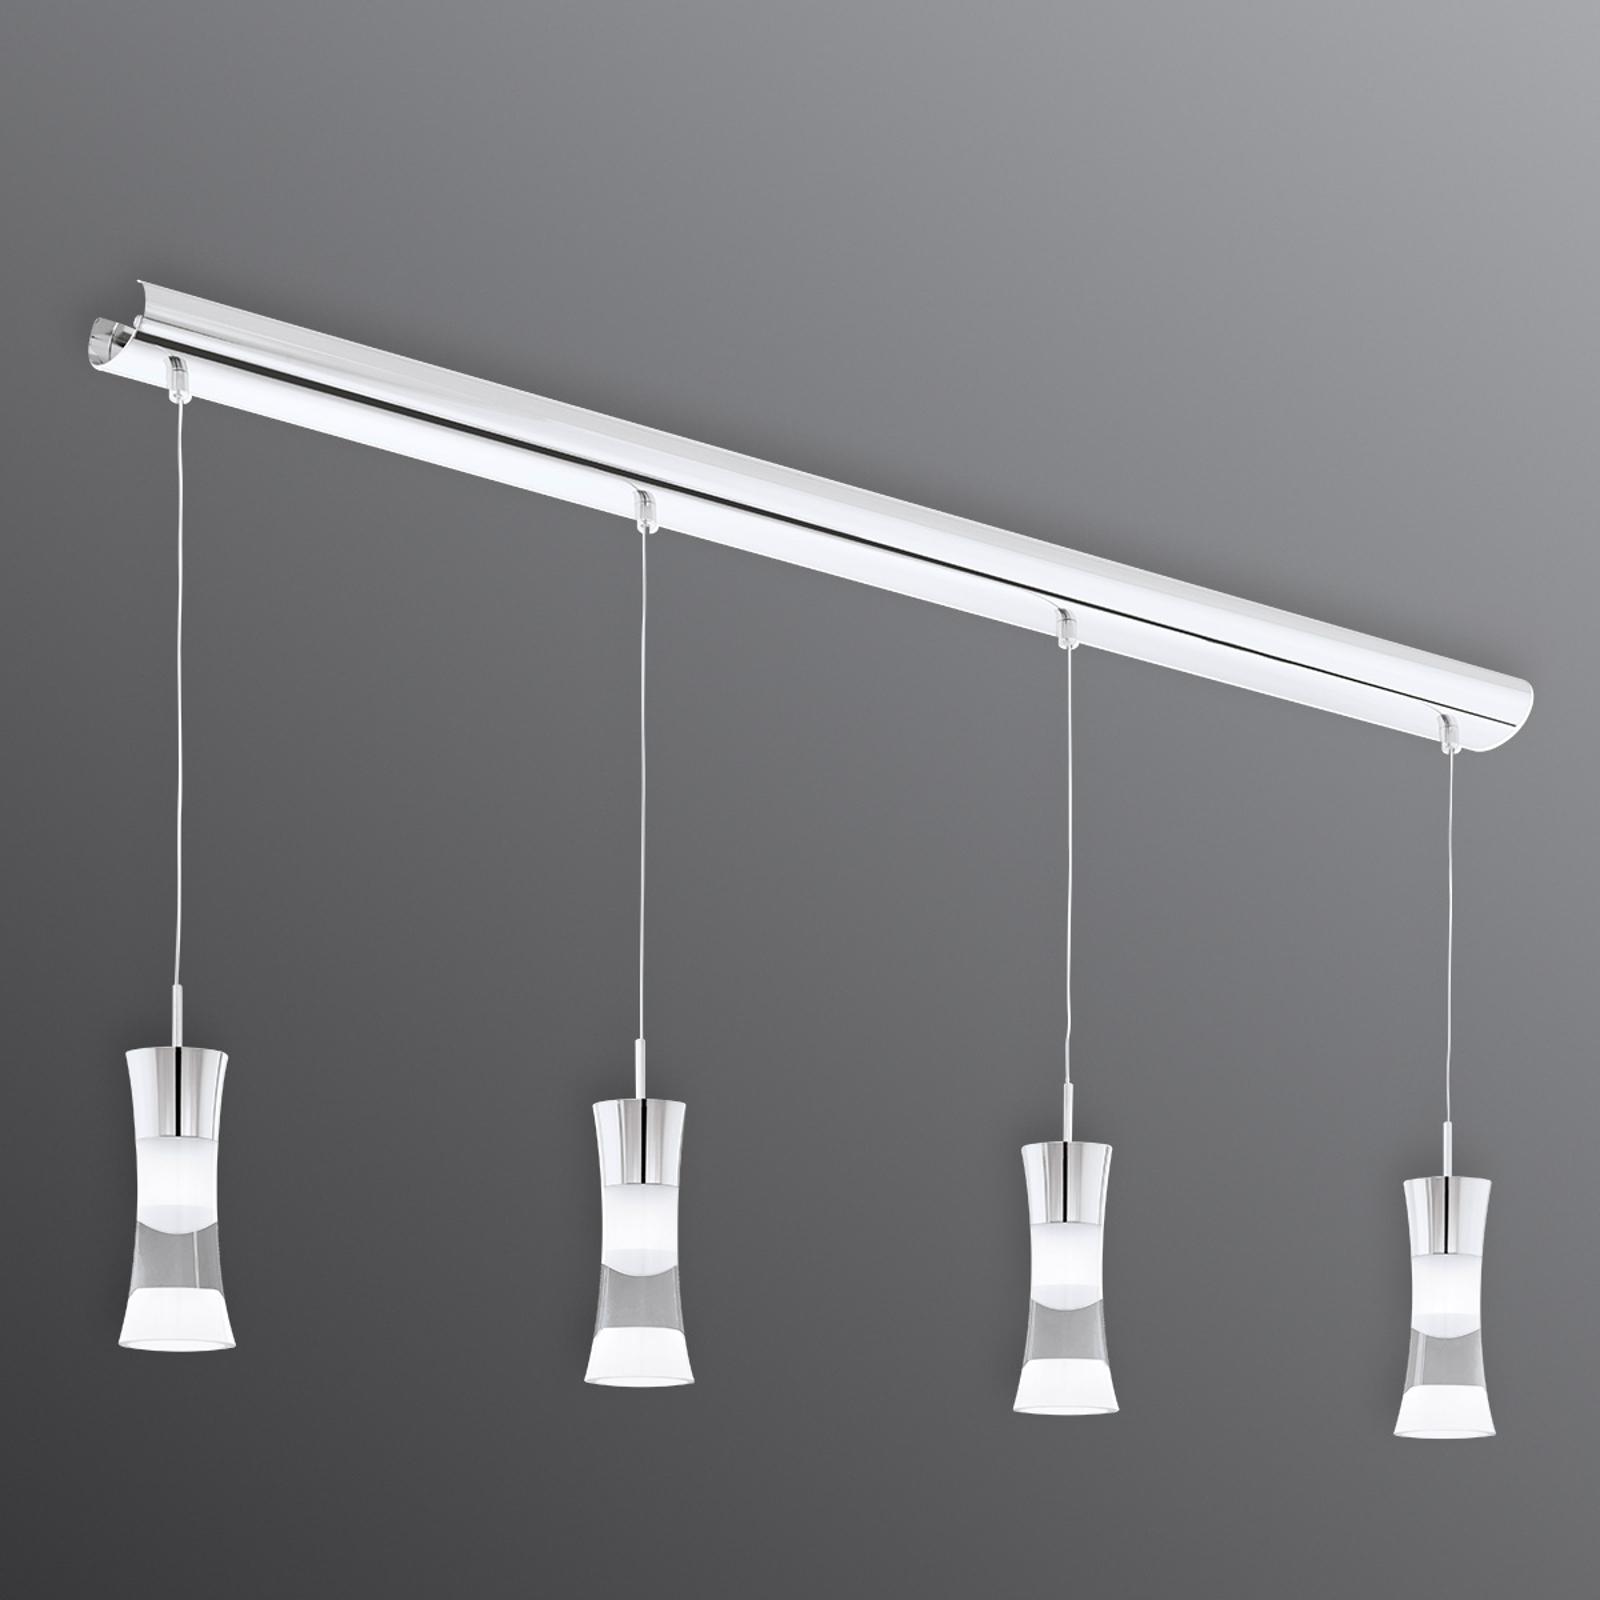 4-pl. Závesné LED svietidlo Pancento z ocele_3031743_1